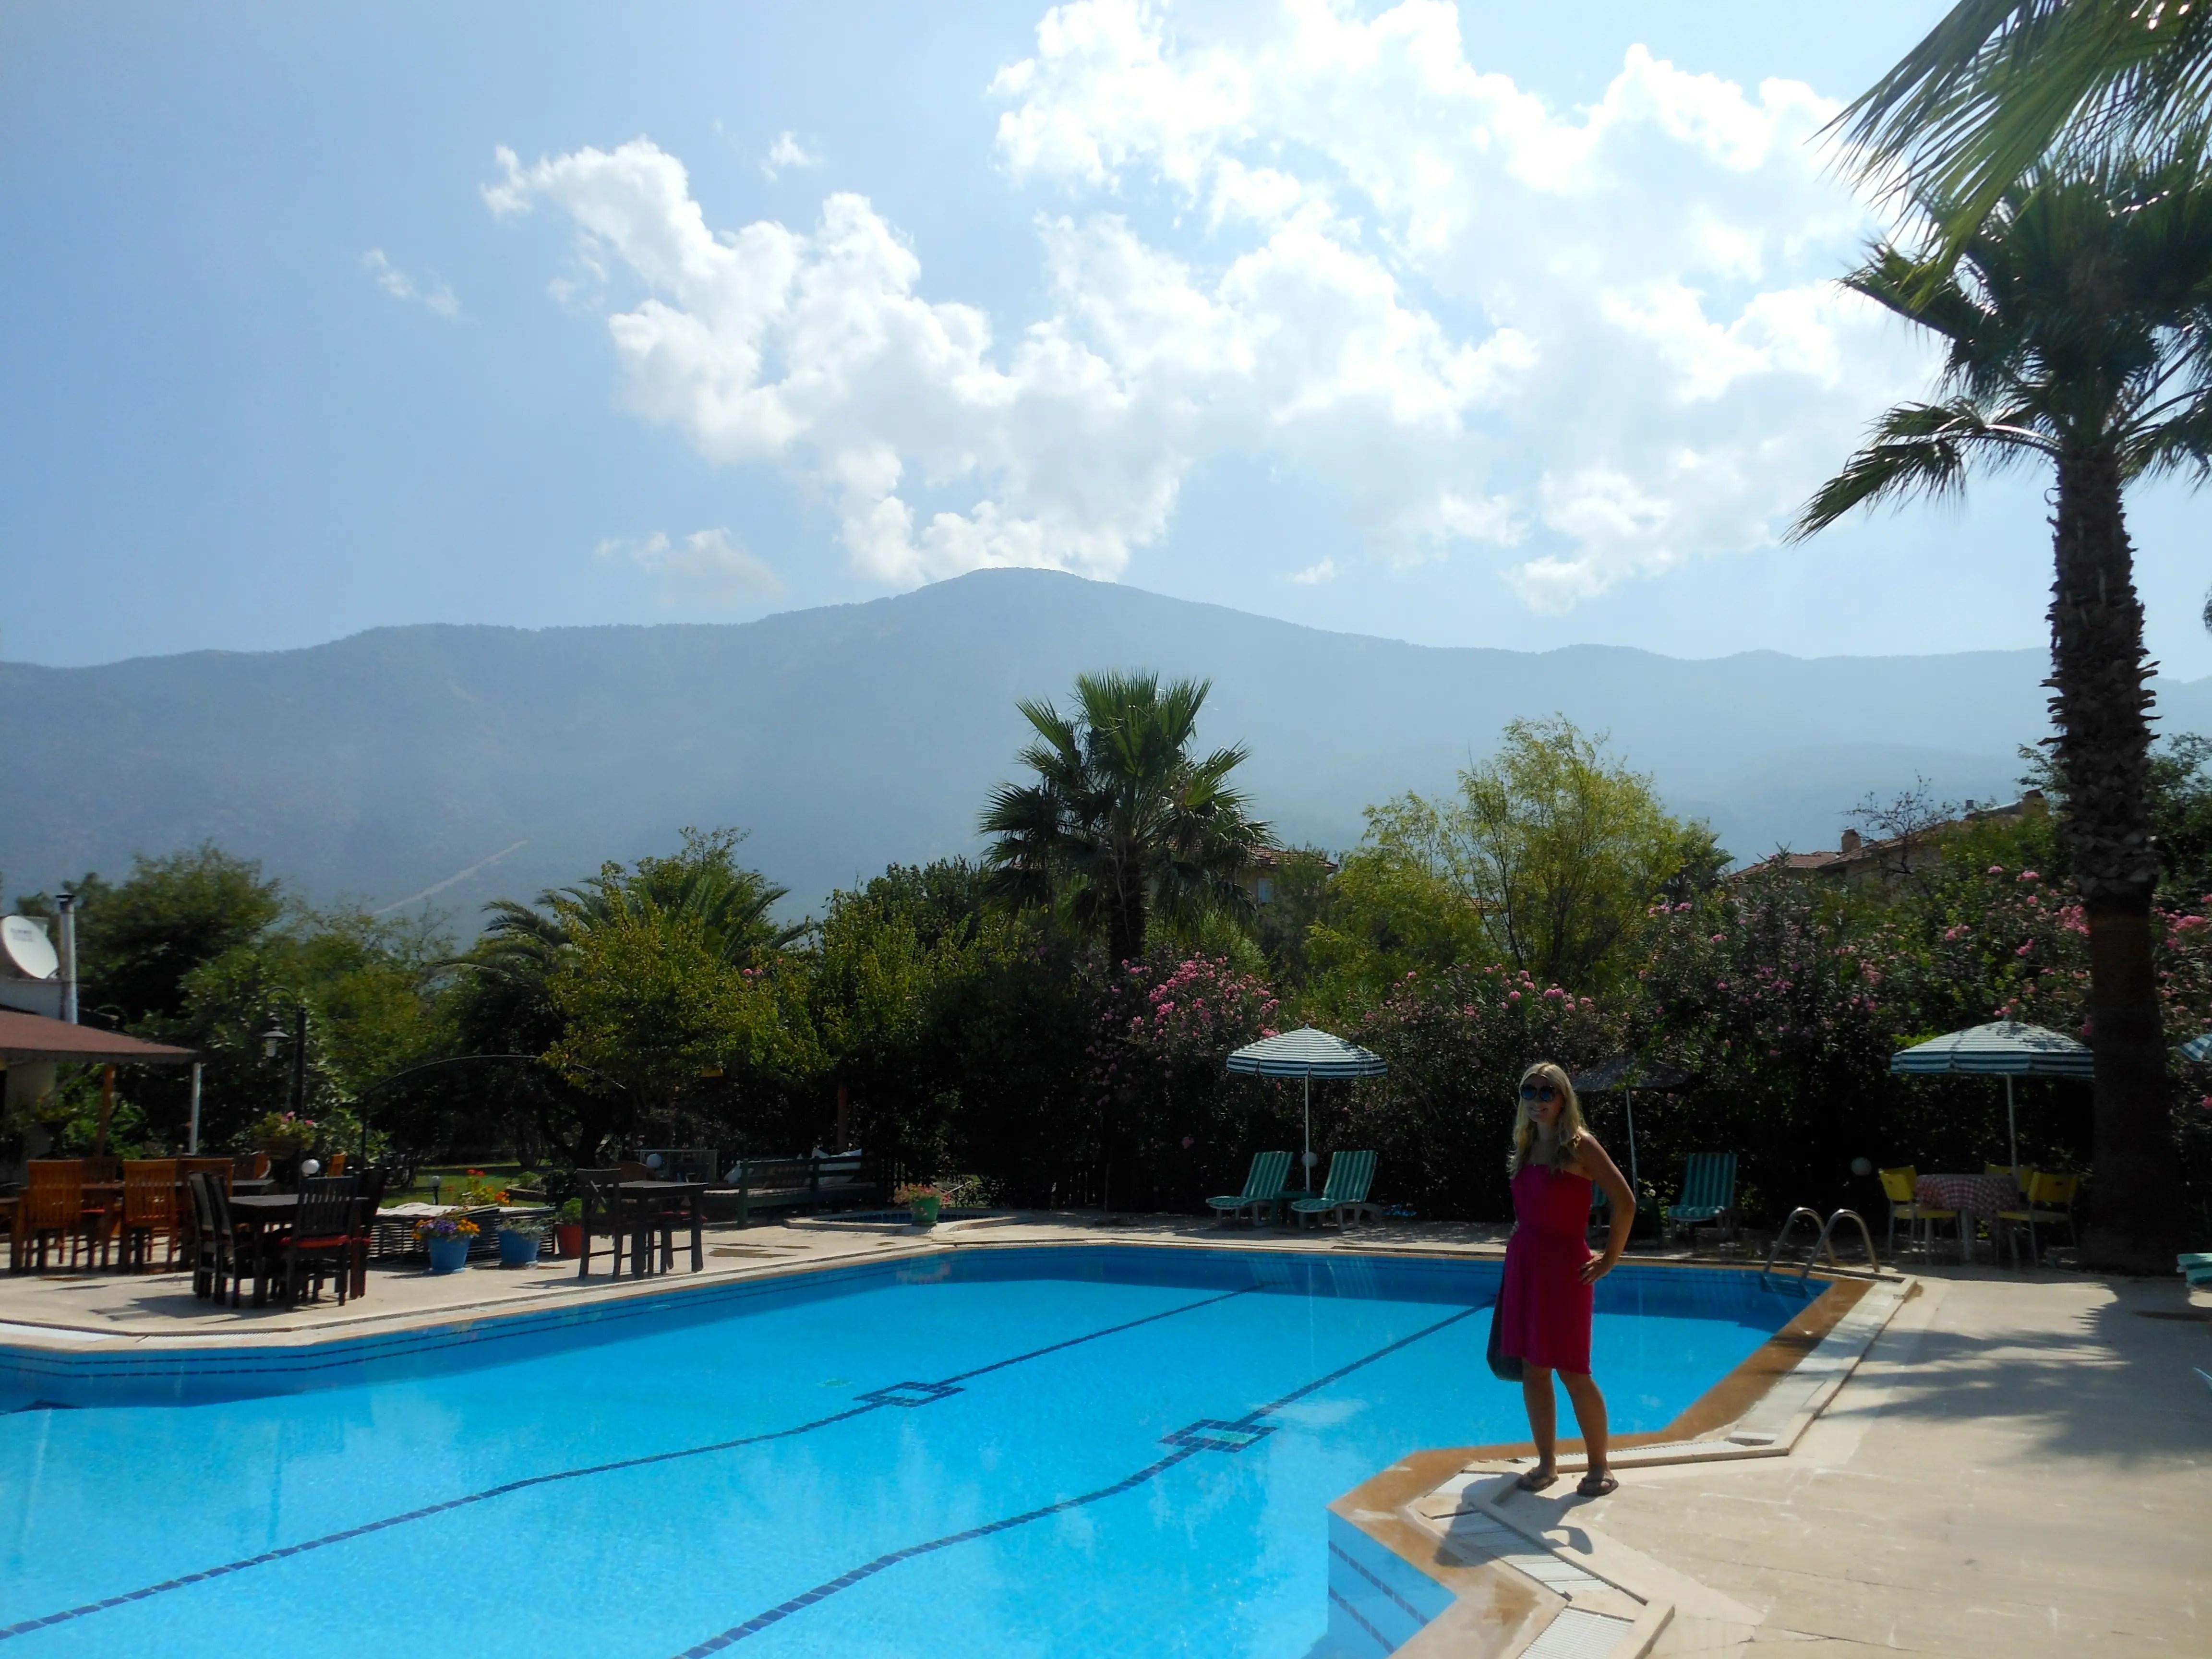 Yengec pool